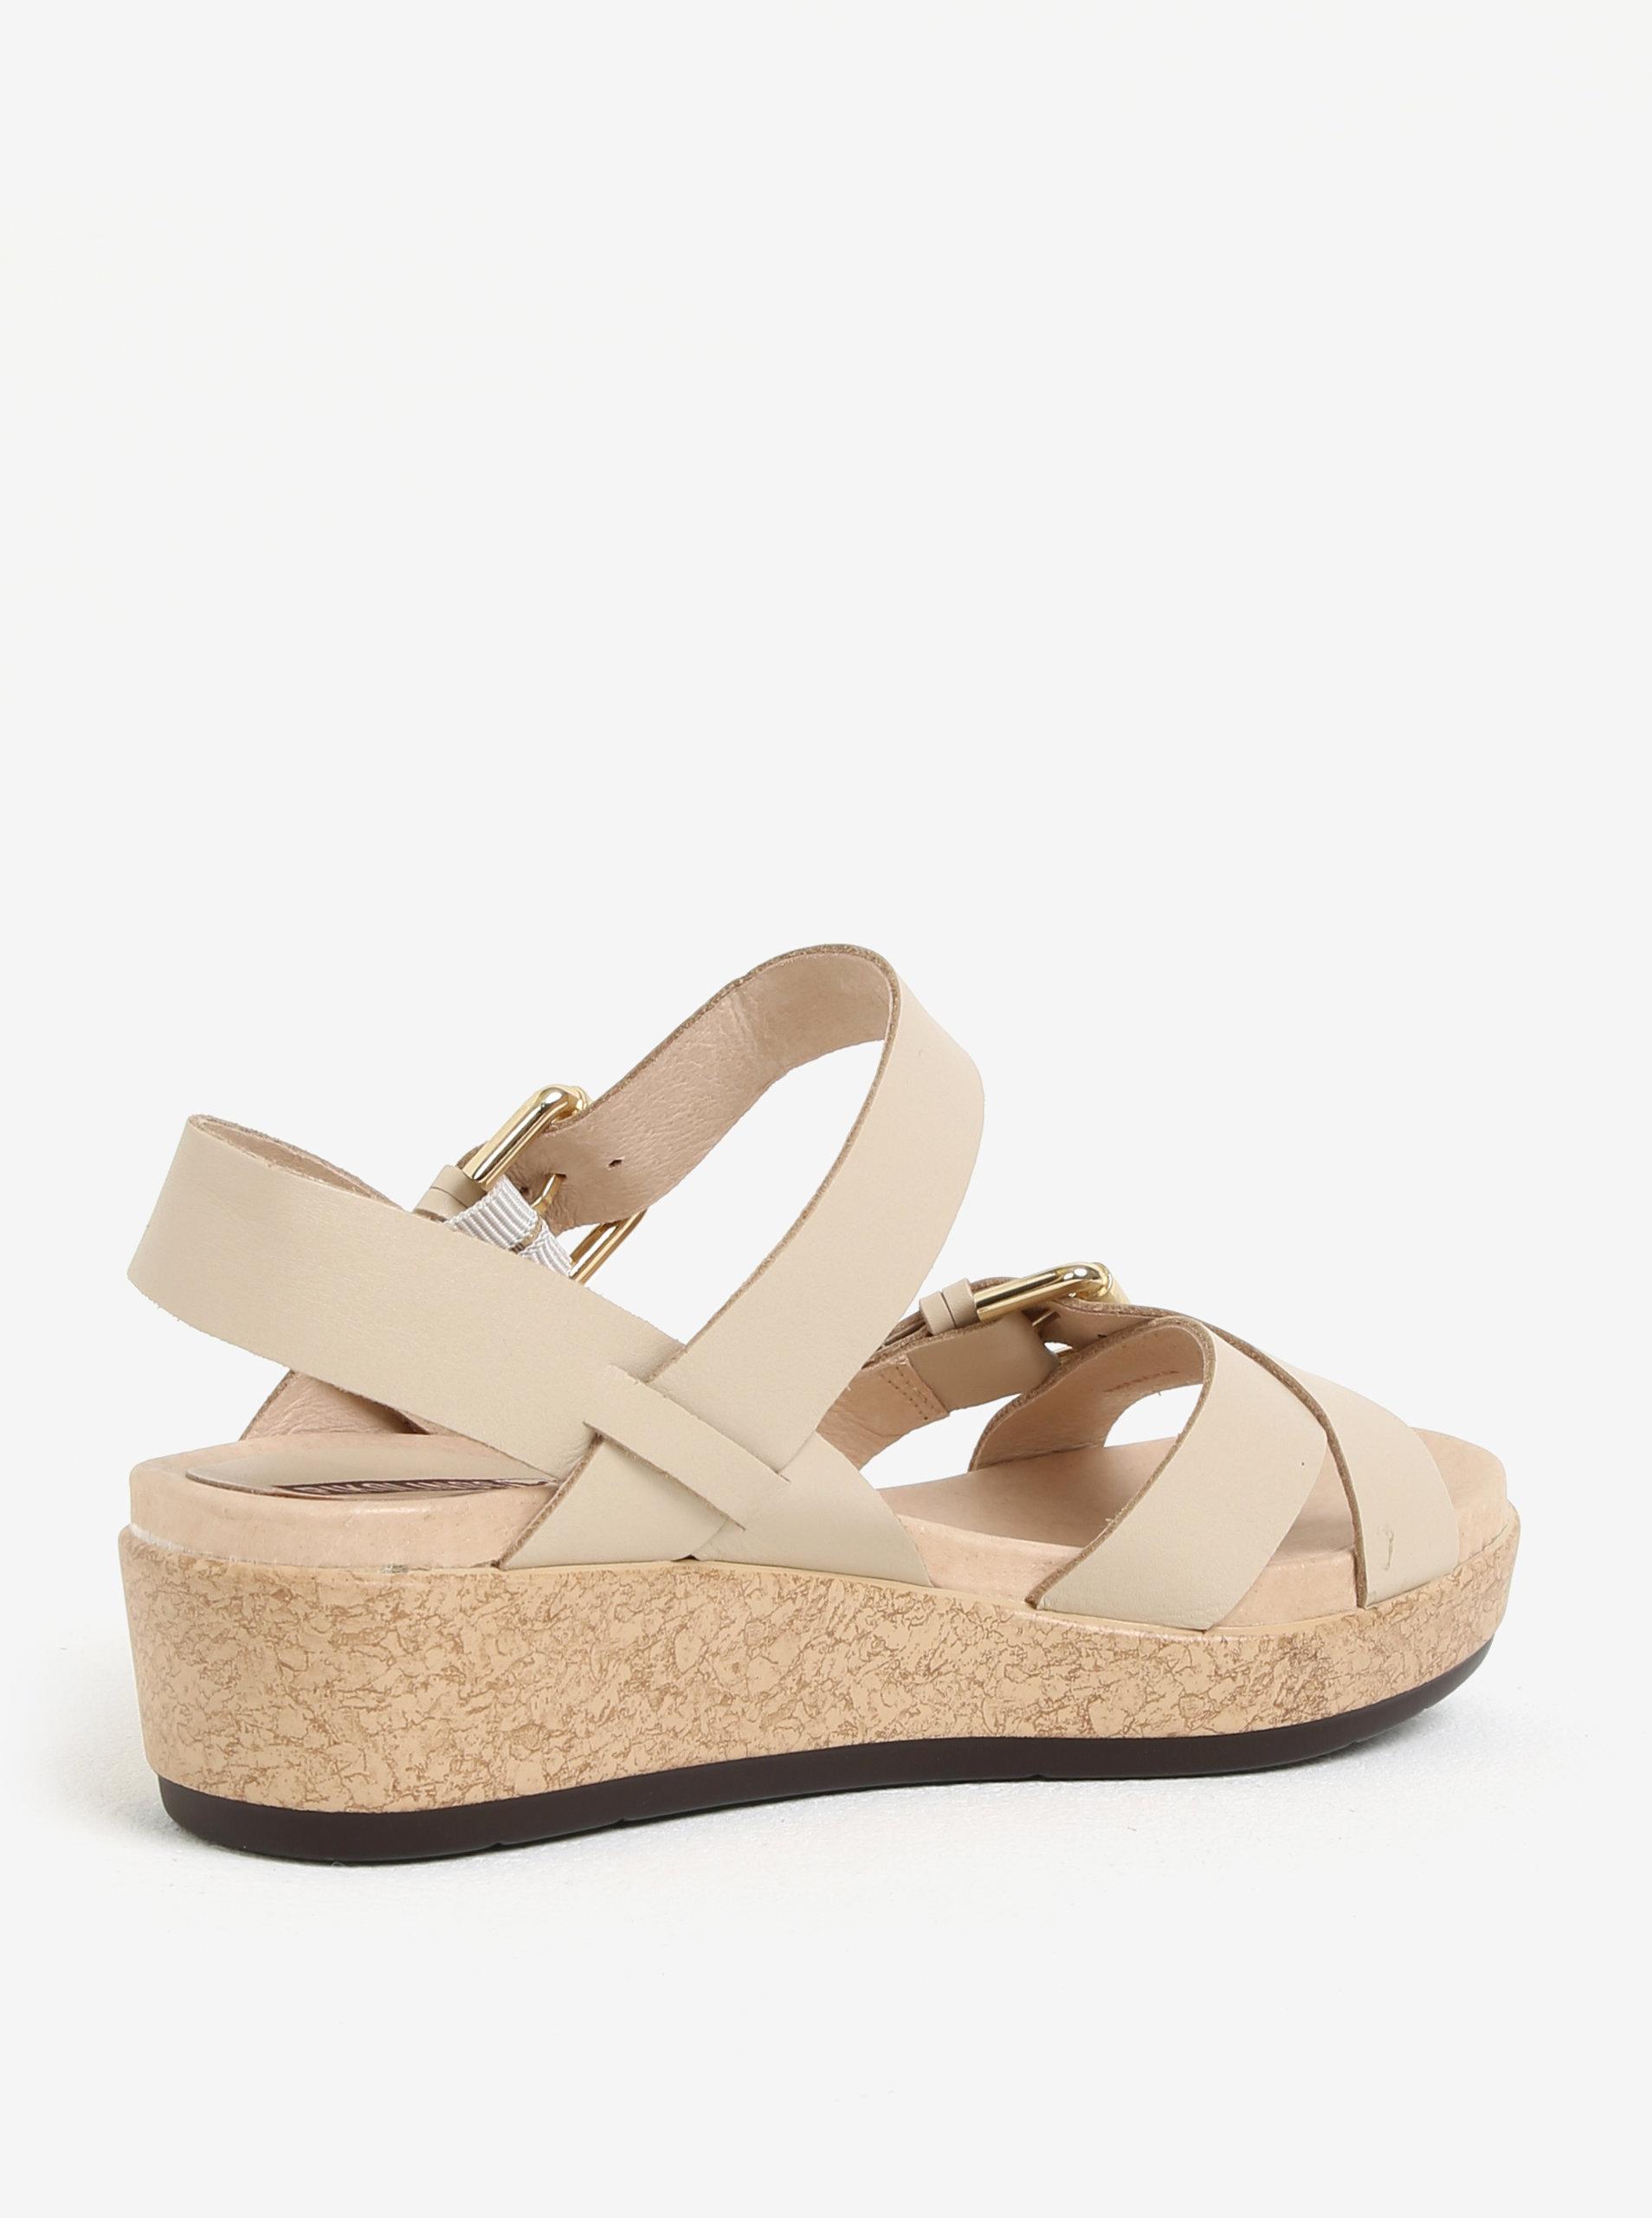 036799ec3d97 Béžové kožené sandály na platformě Pikolinos Mykonos ...